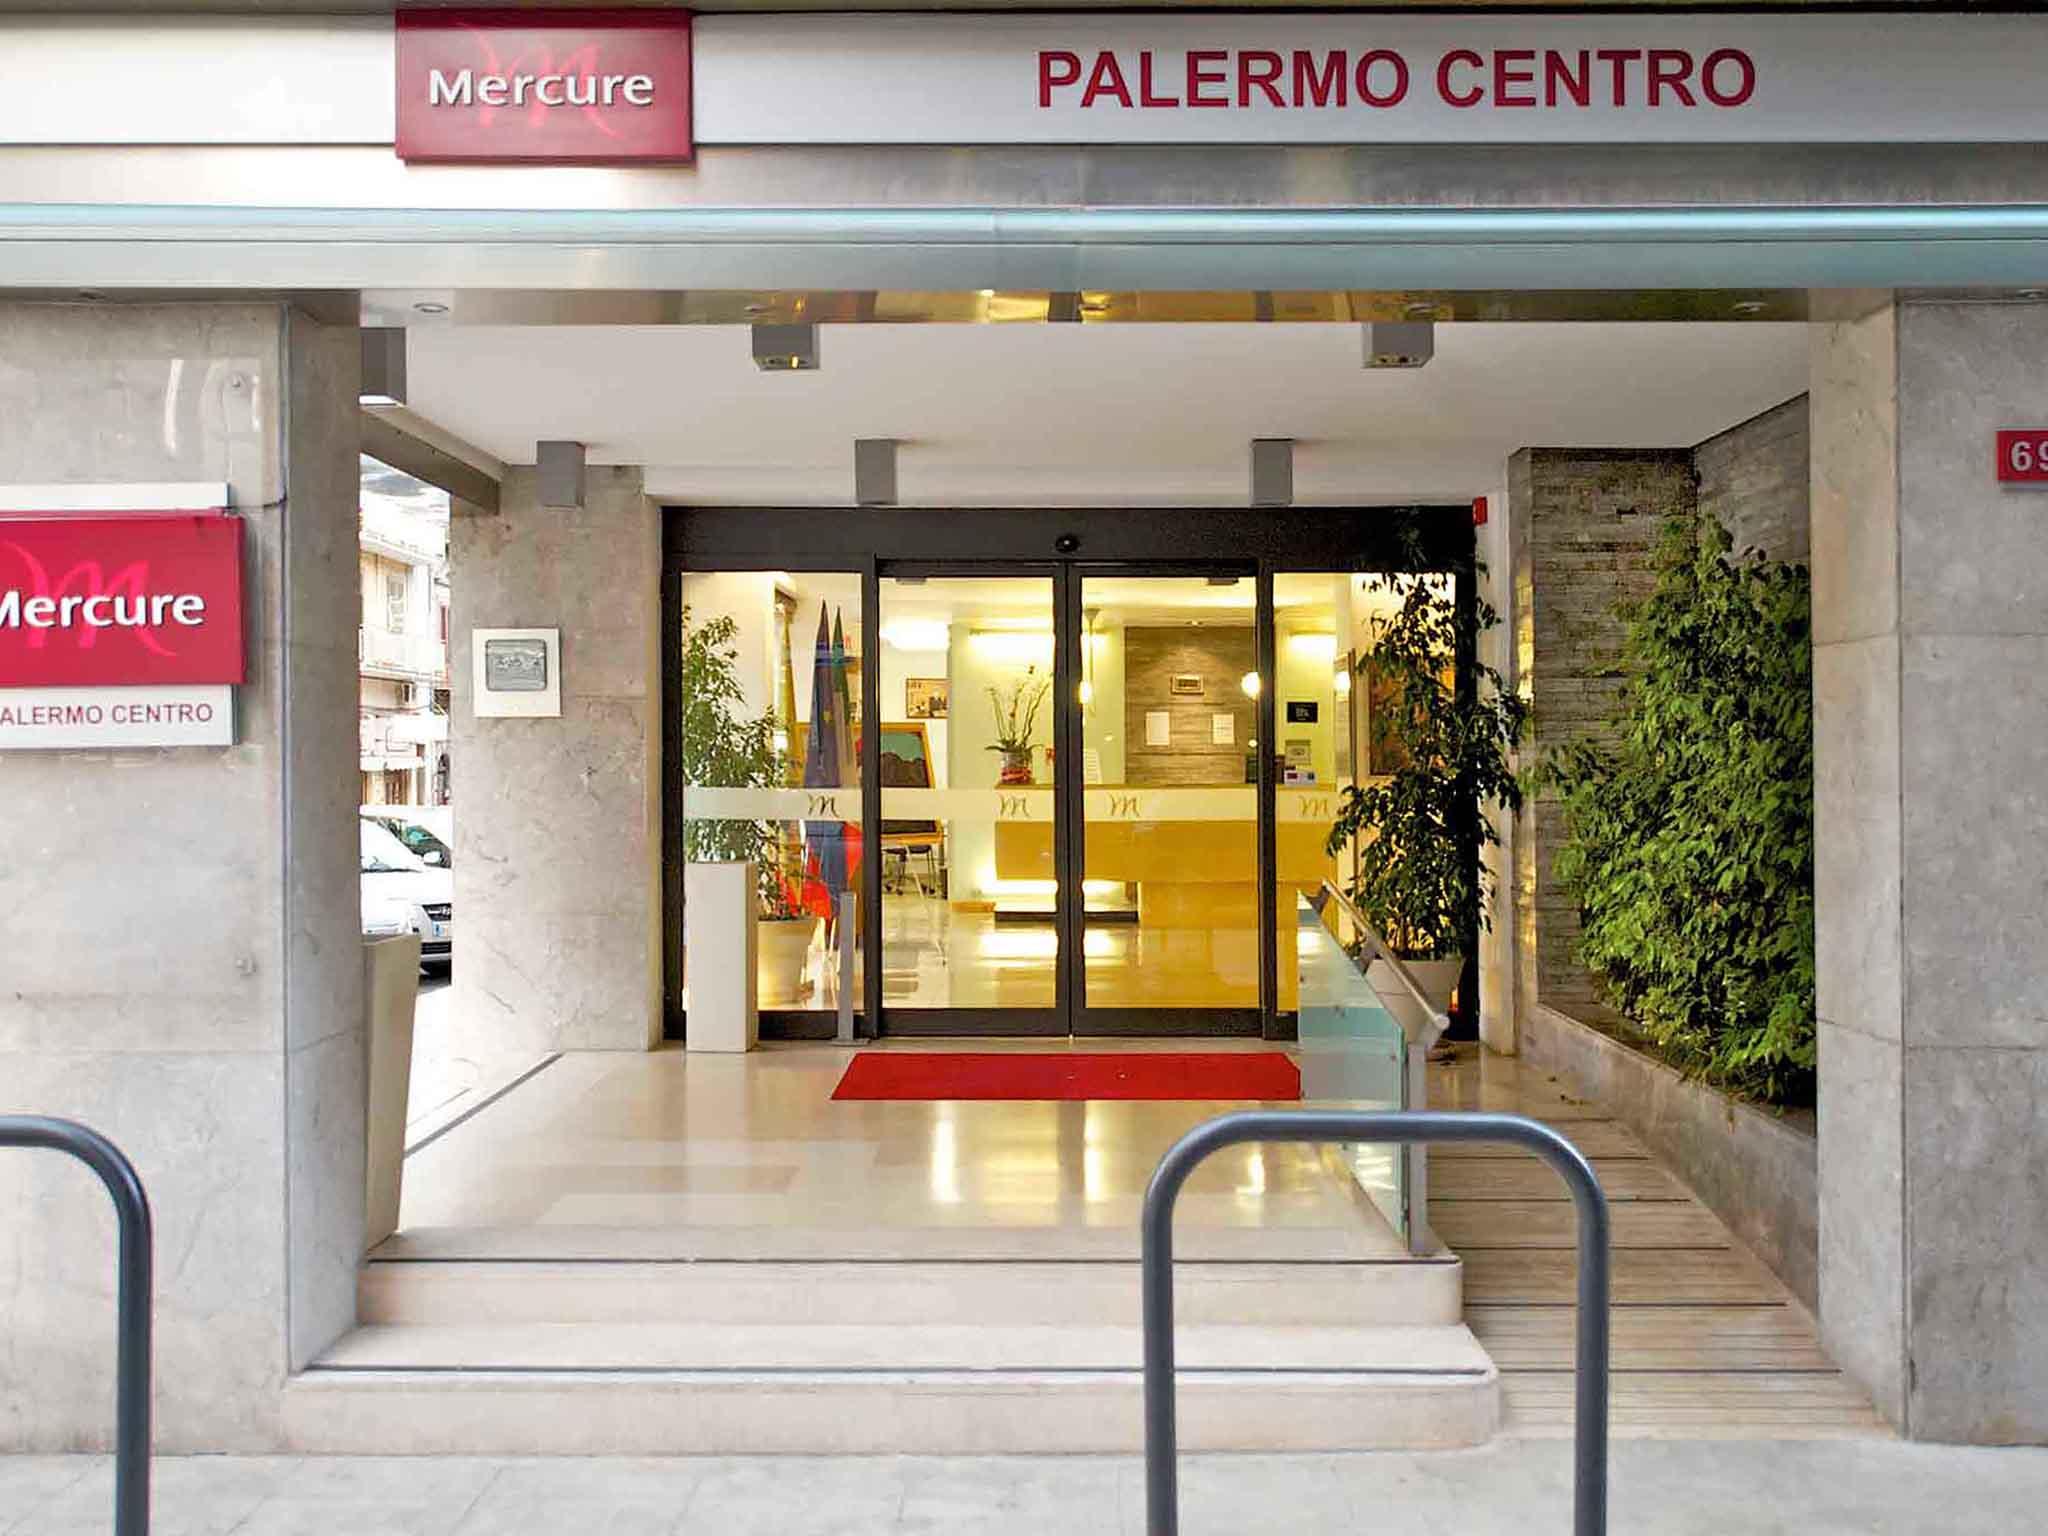 Hotel - Mercure Palermo Centro